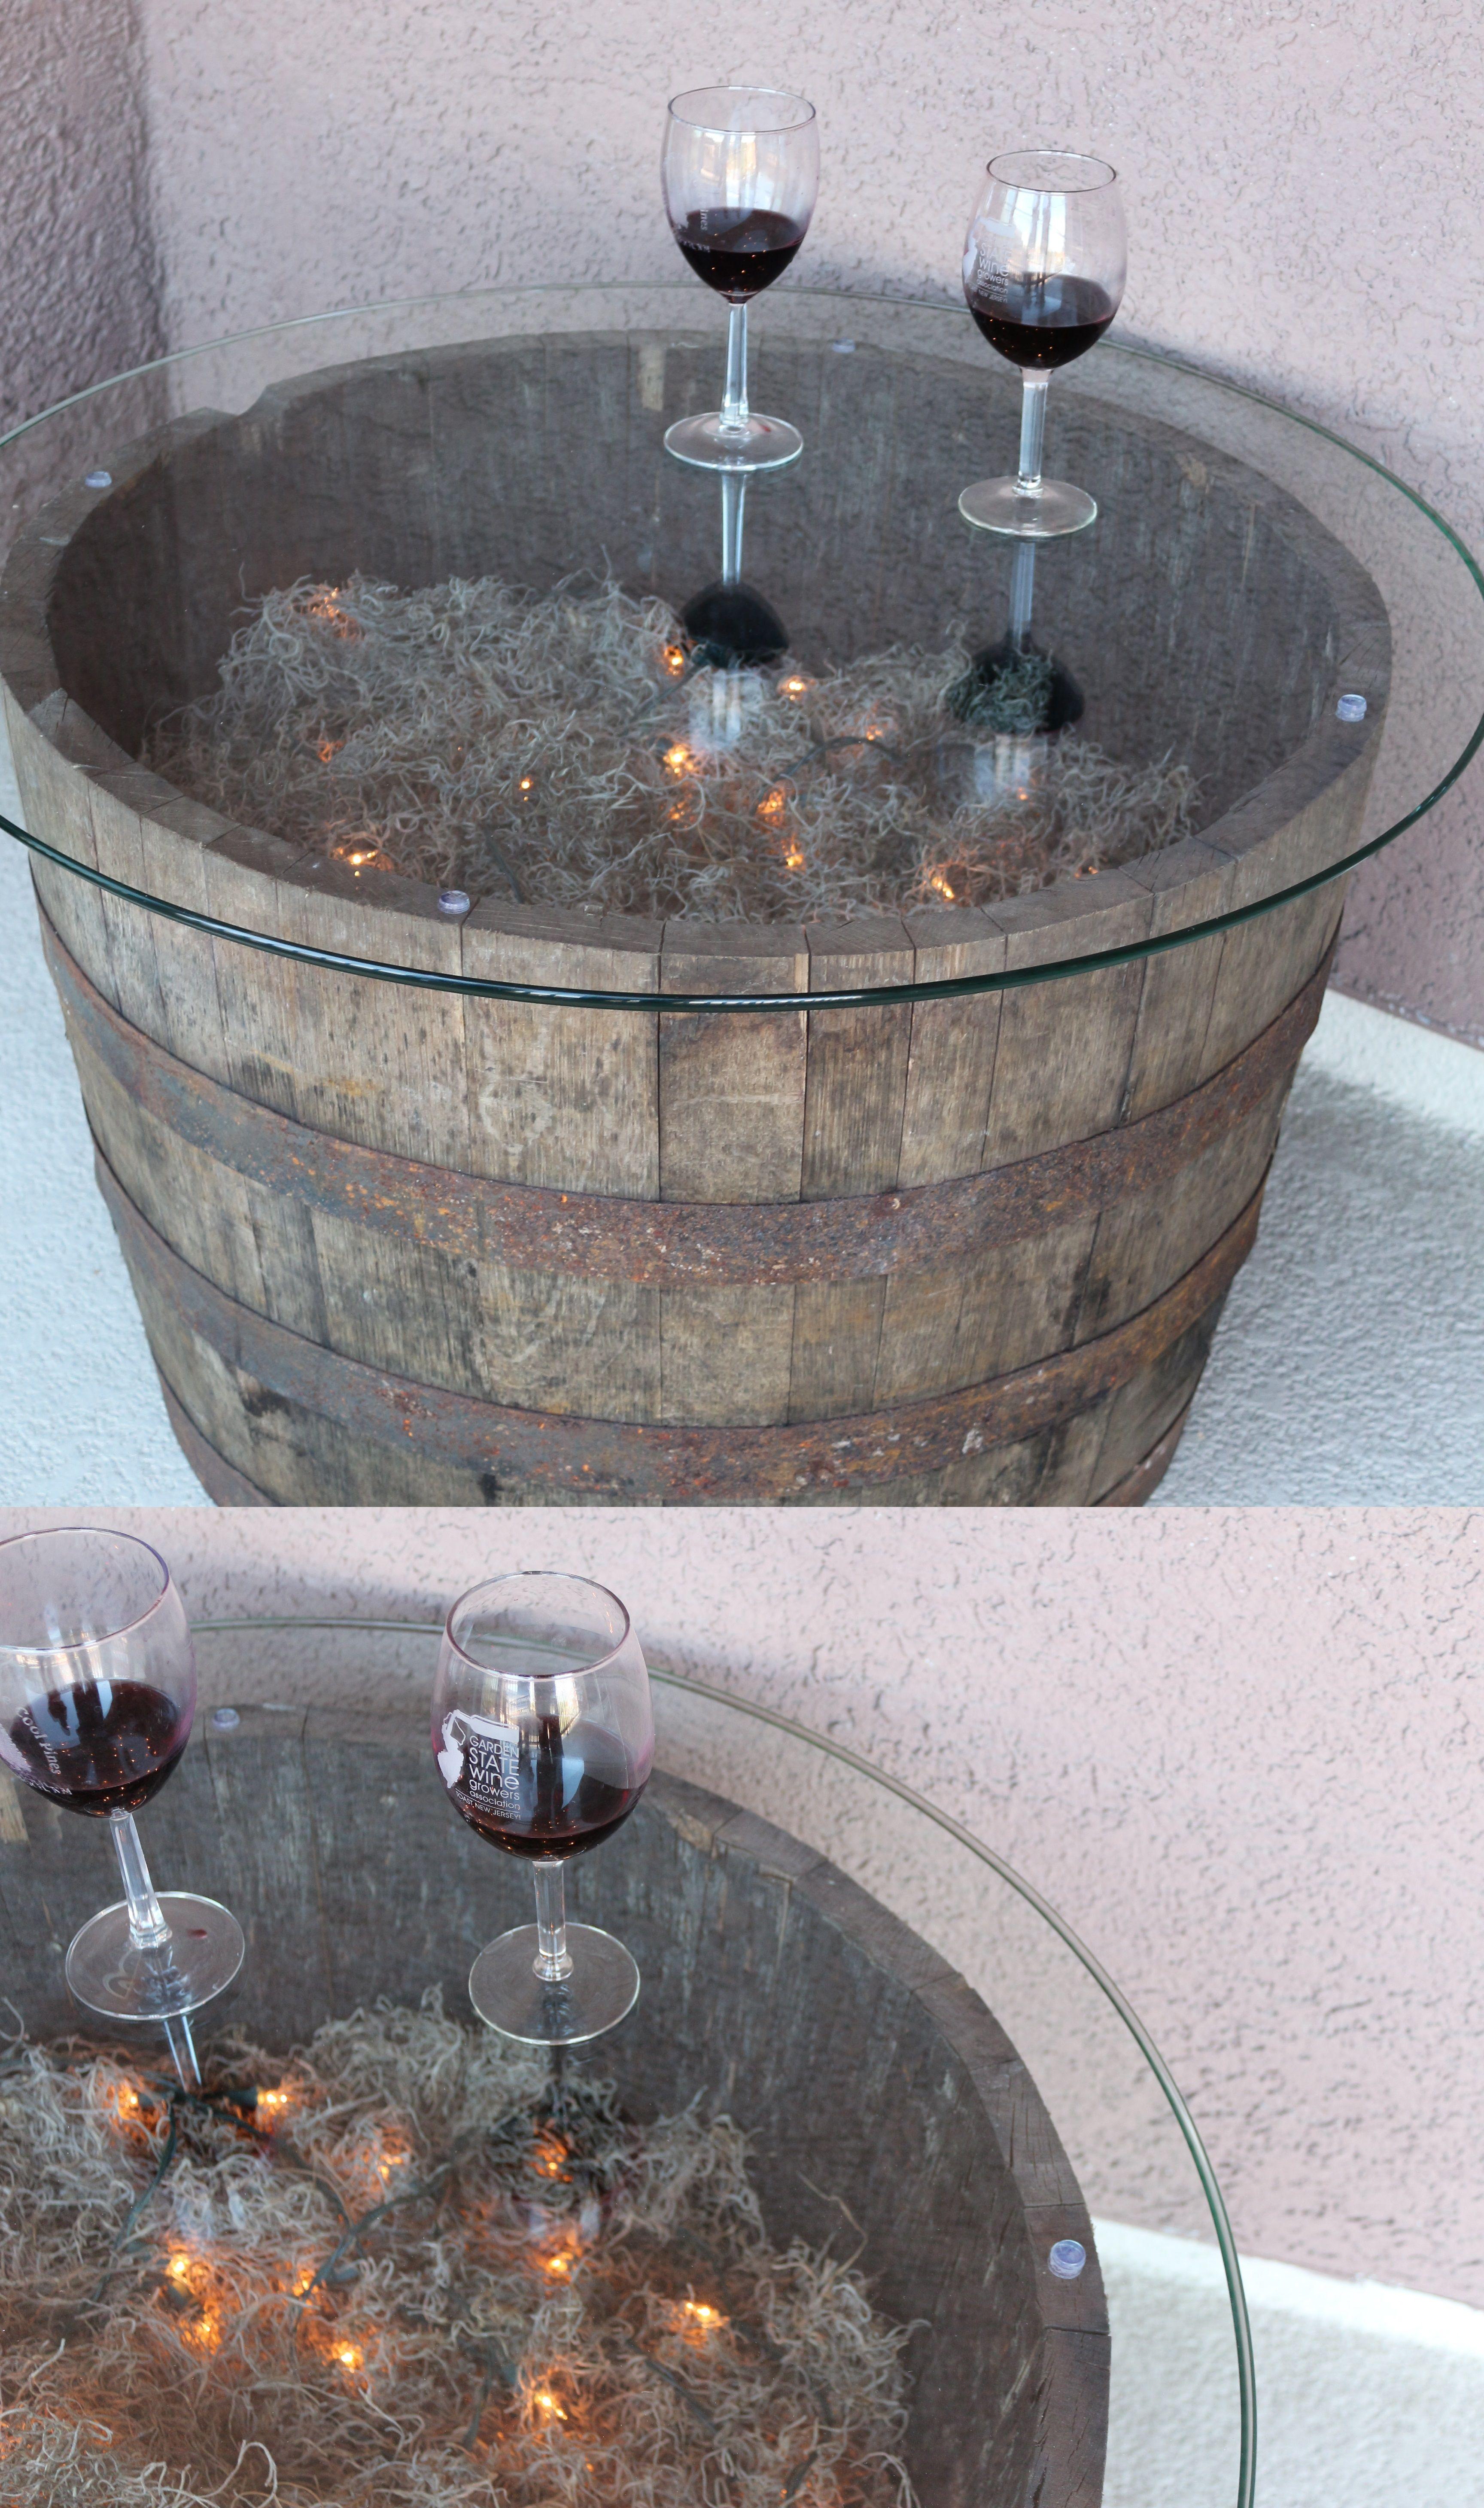 Idee per arredamento con botti in legno usate idee for Botti usate per arredamento